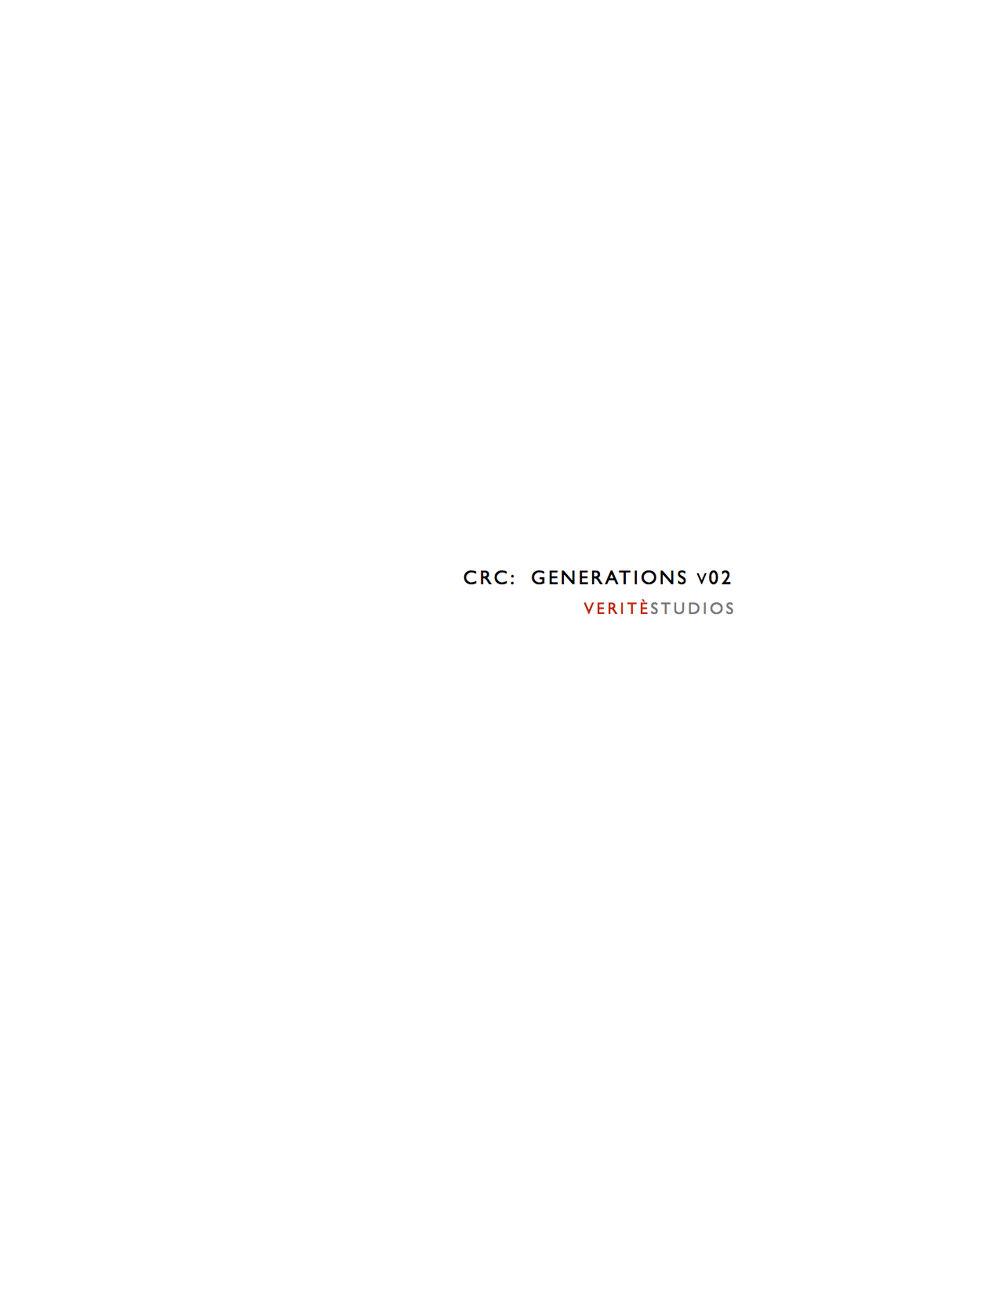 CRC: Generations Script